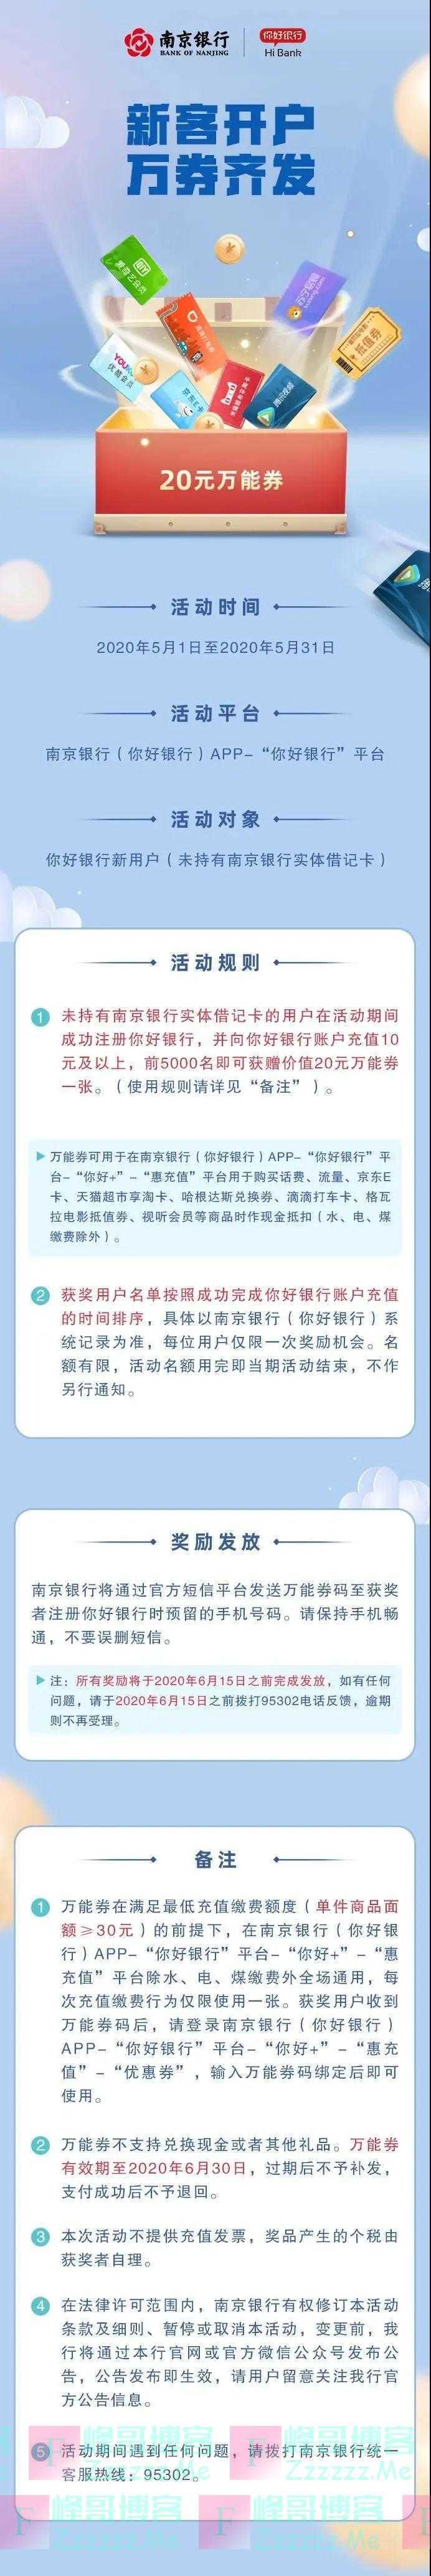 南京银行万能券、肯德基代金券免费限量抢(截止5月31日)